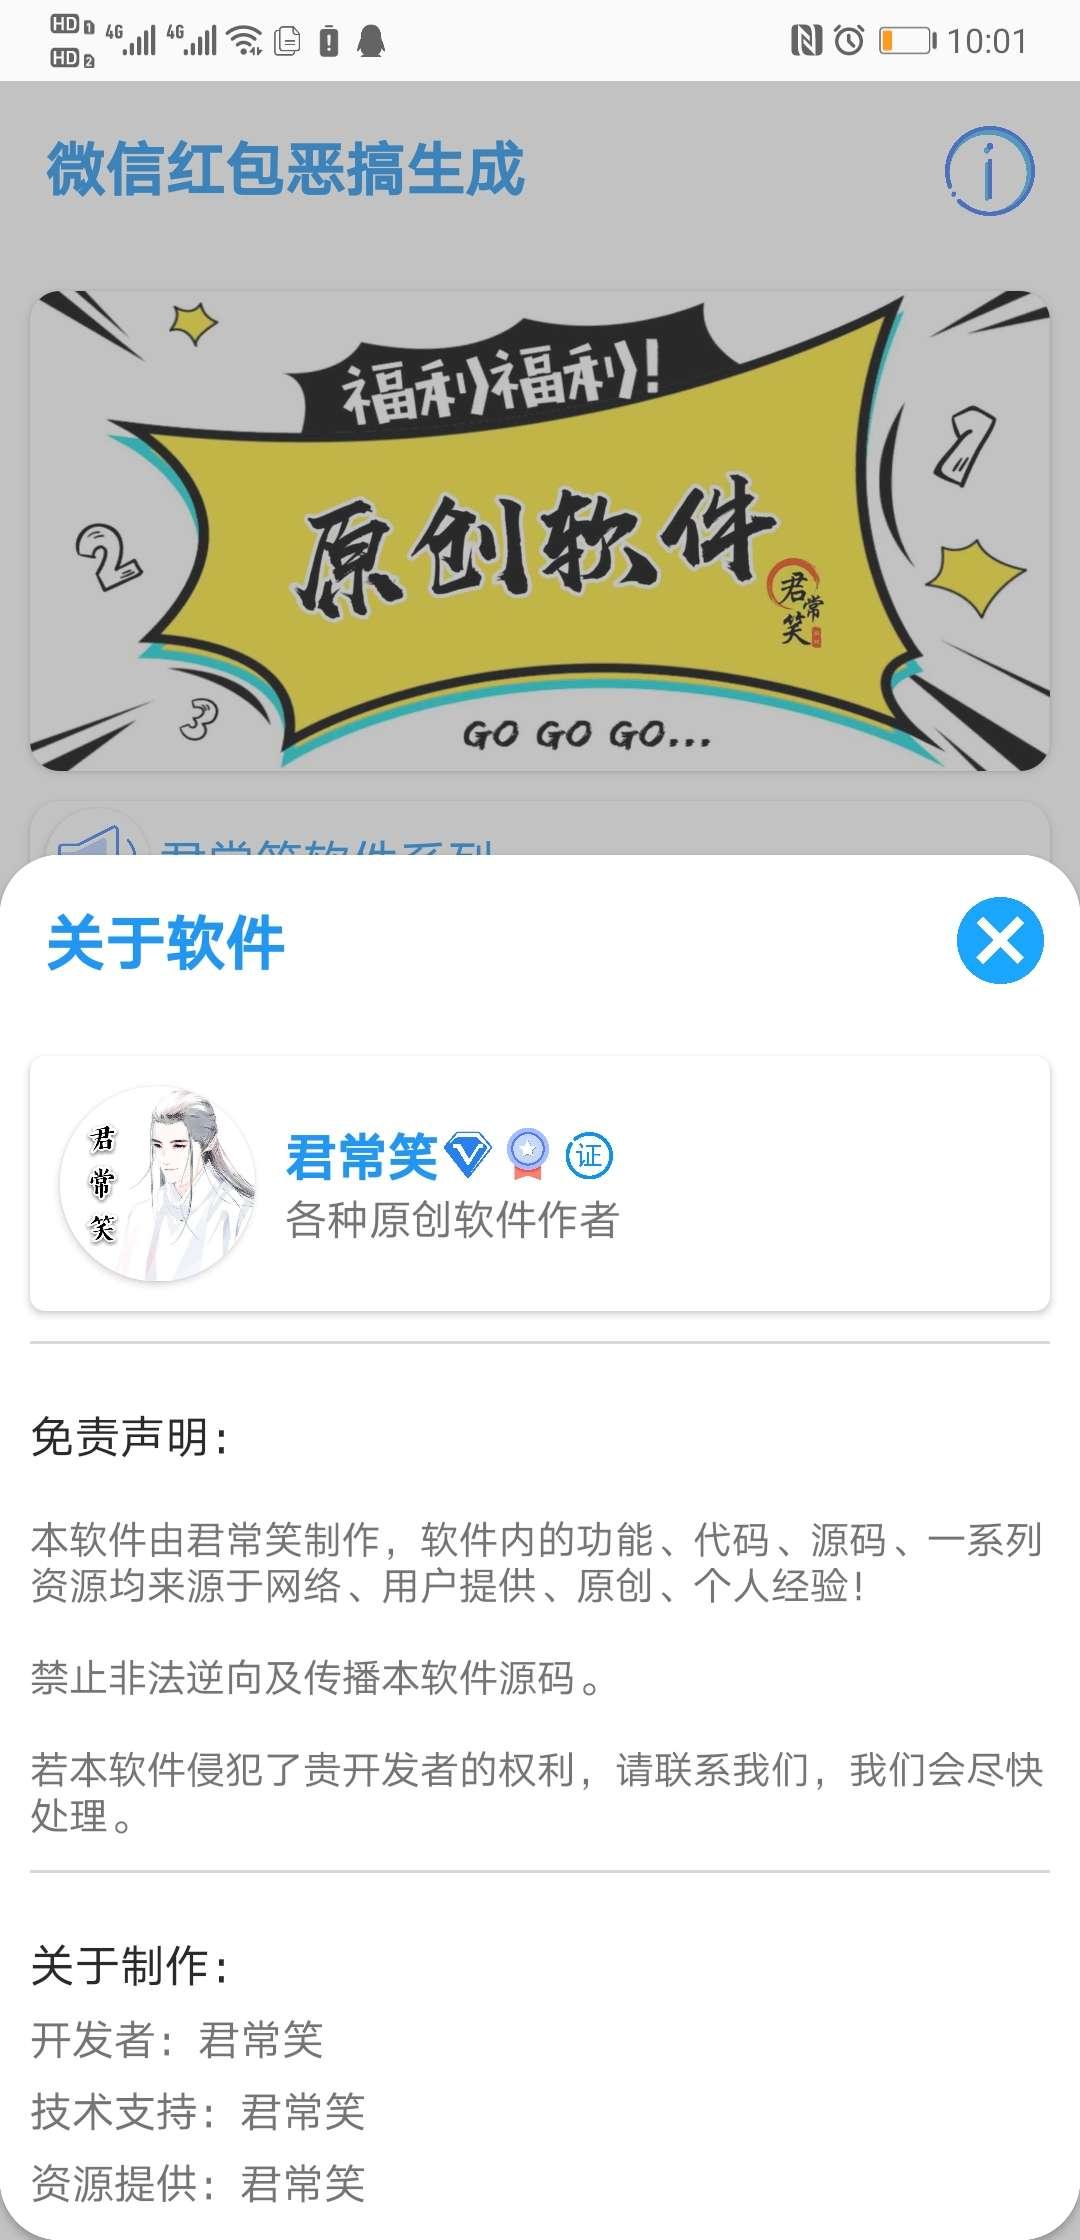 【分享】微信红包恶搞生成v1.0可生成自定义金额的透明图片